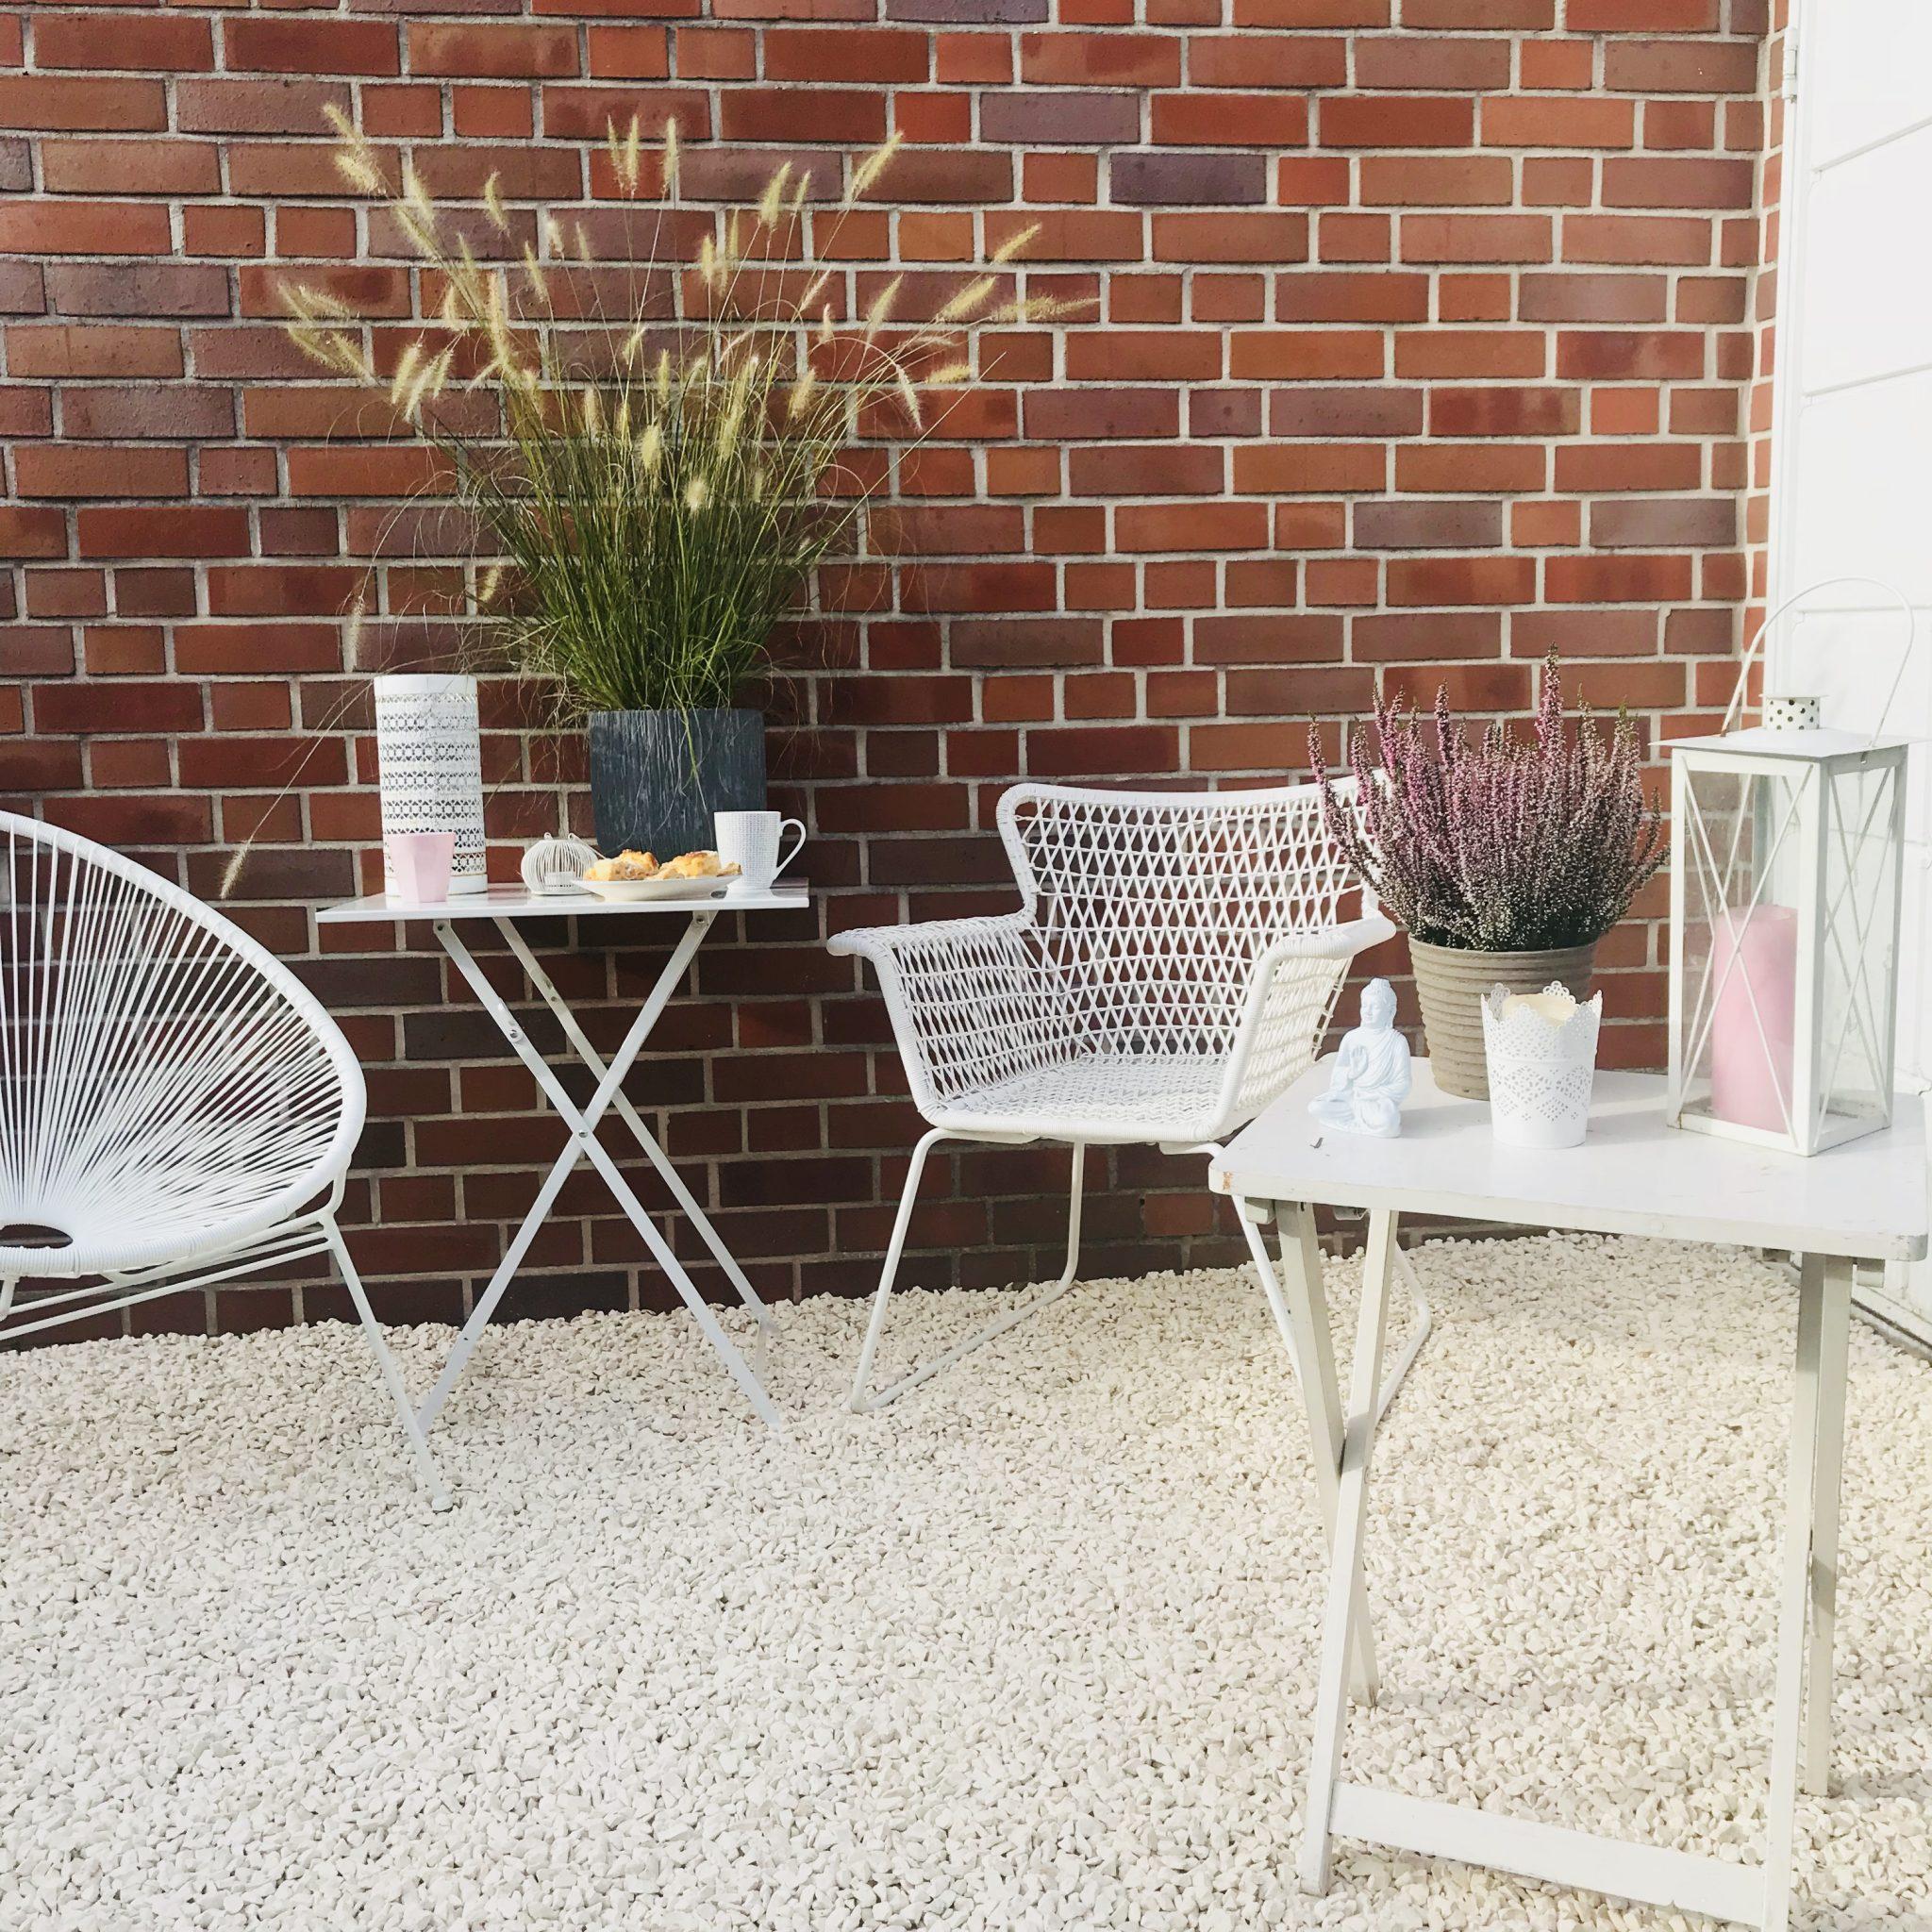 Full Size of Unsere Garten Lounge Einfach Angelegte Kies Terrasse Chill Out Sofa Loungemöbel Holz Set Möbel Sessel Günstig Wohnzimmer Terrassen Lounge